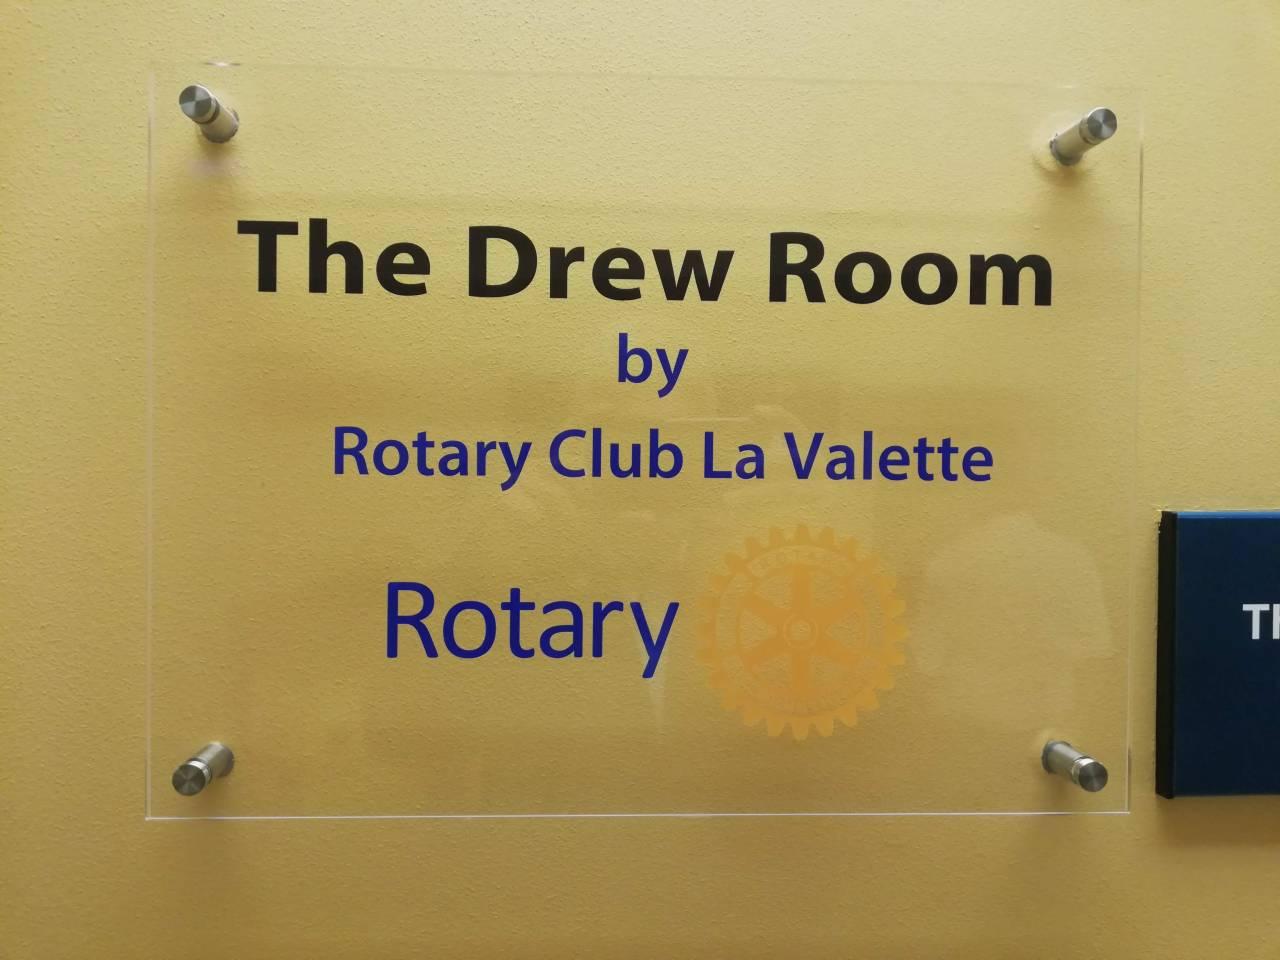 rotary club la valette malta